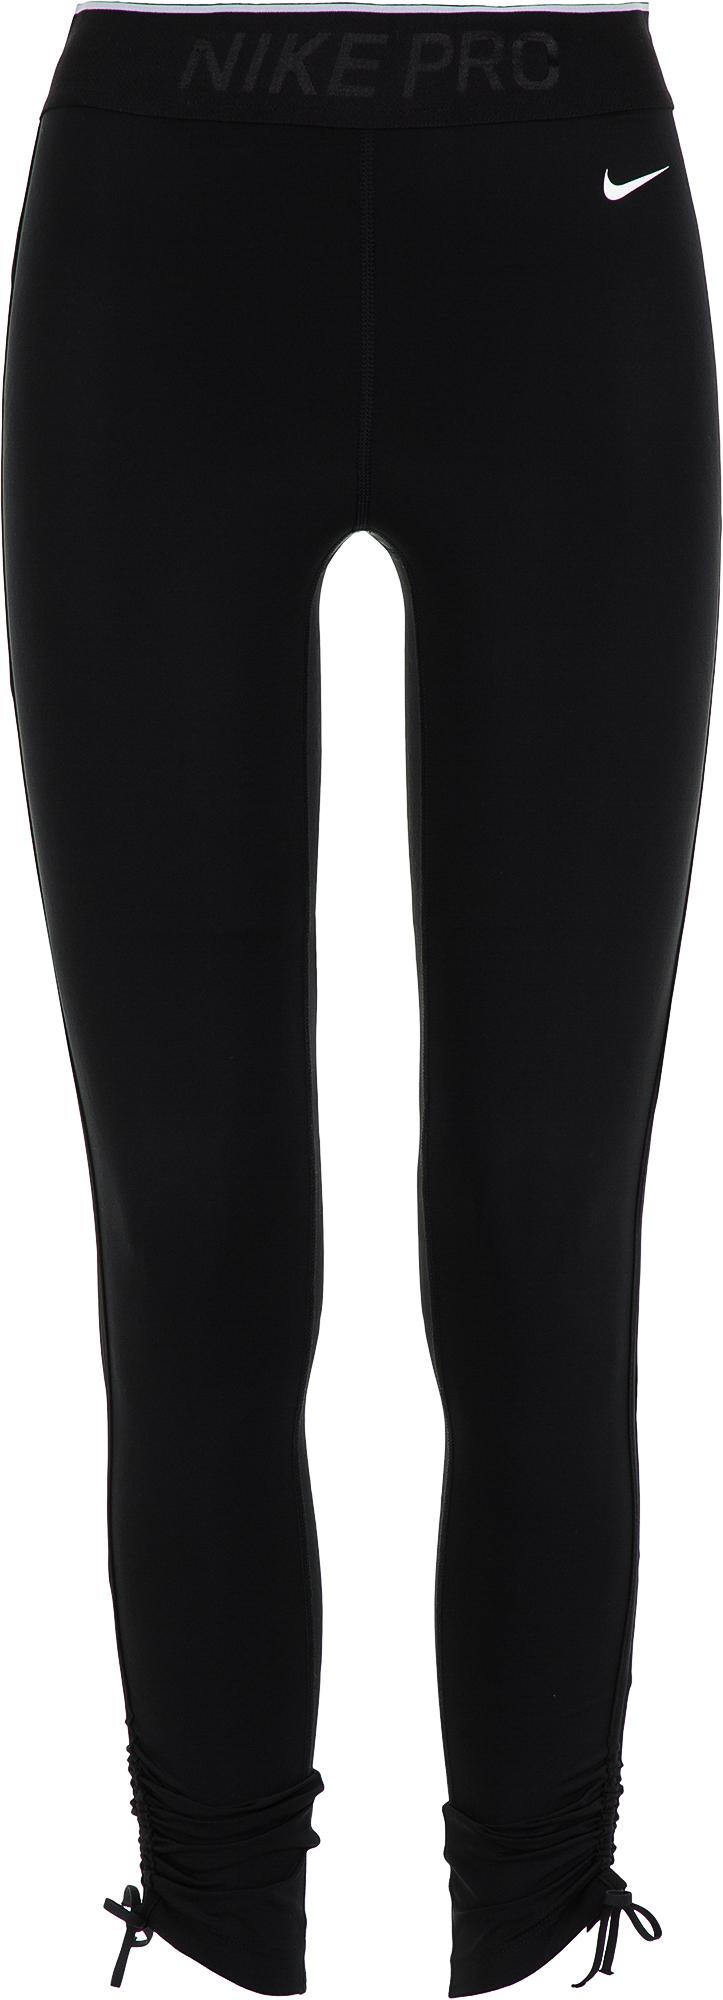 Nike Легинсы женские Pro, размер 40-42